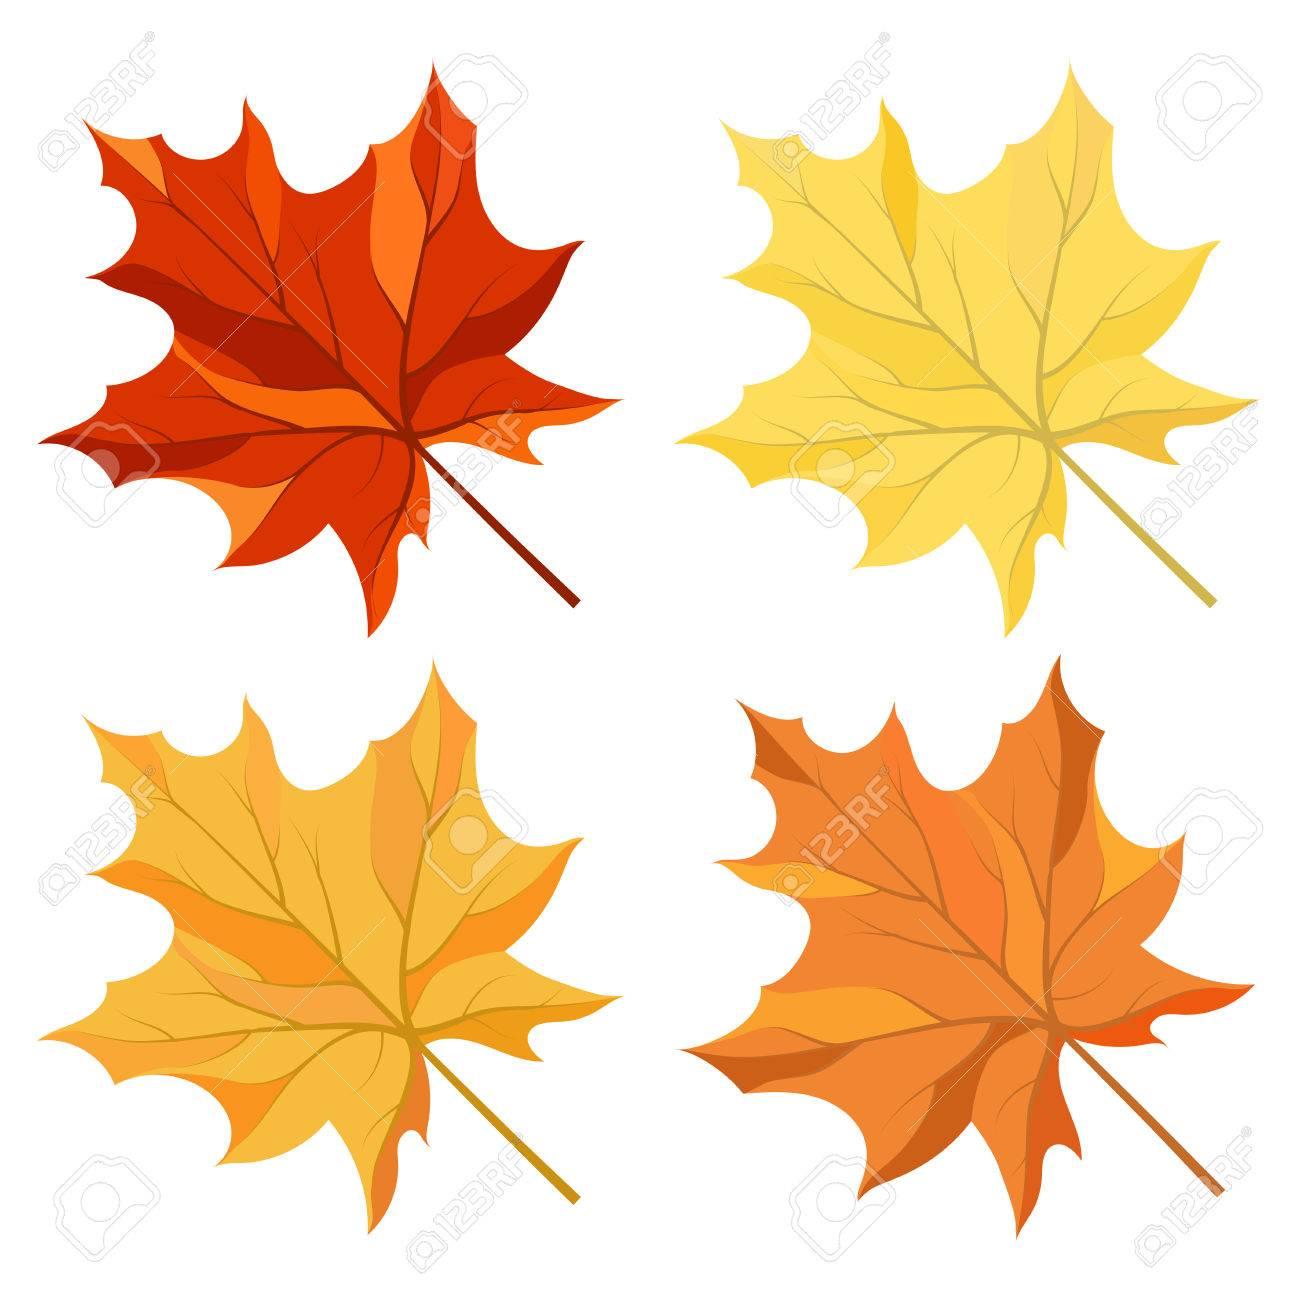 Autumn color maple leaves set - 43156728